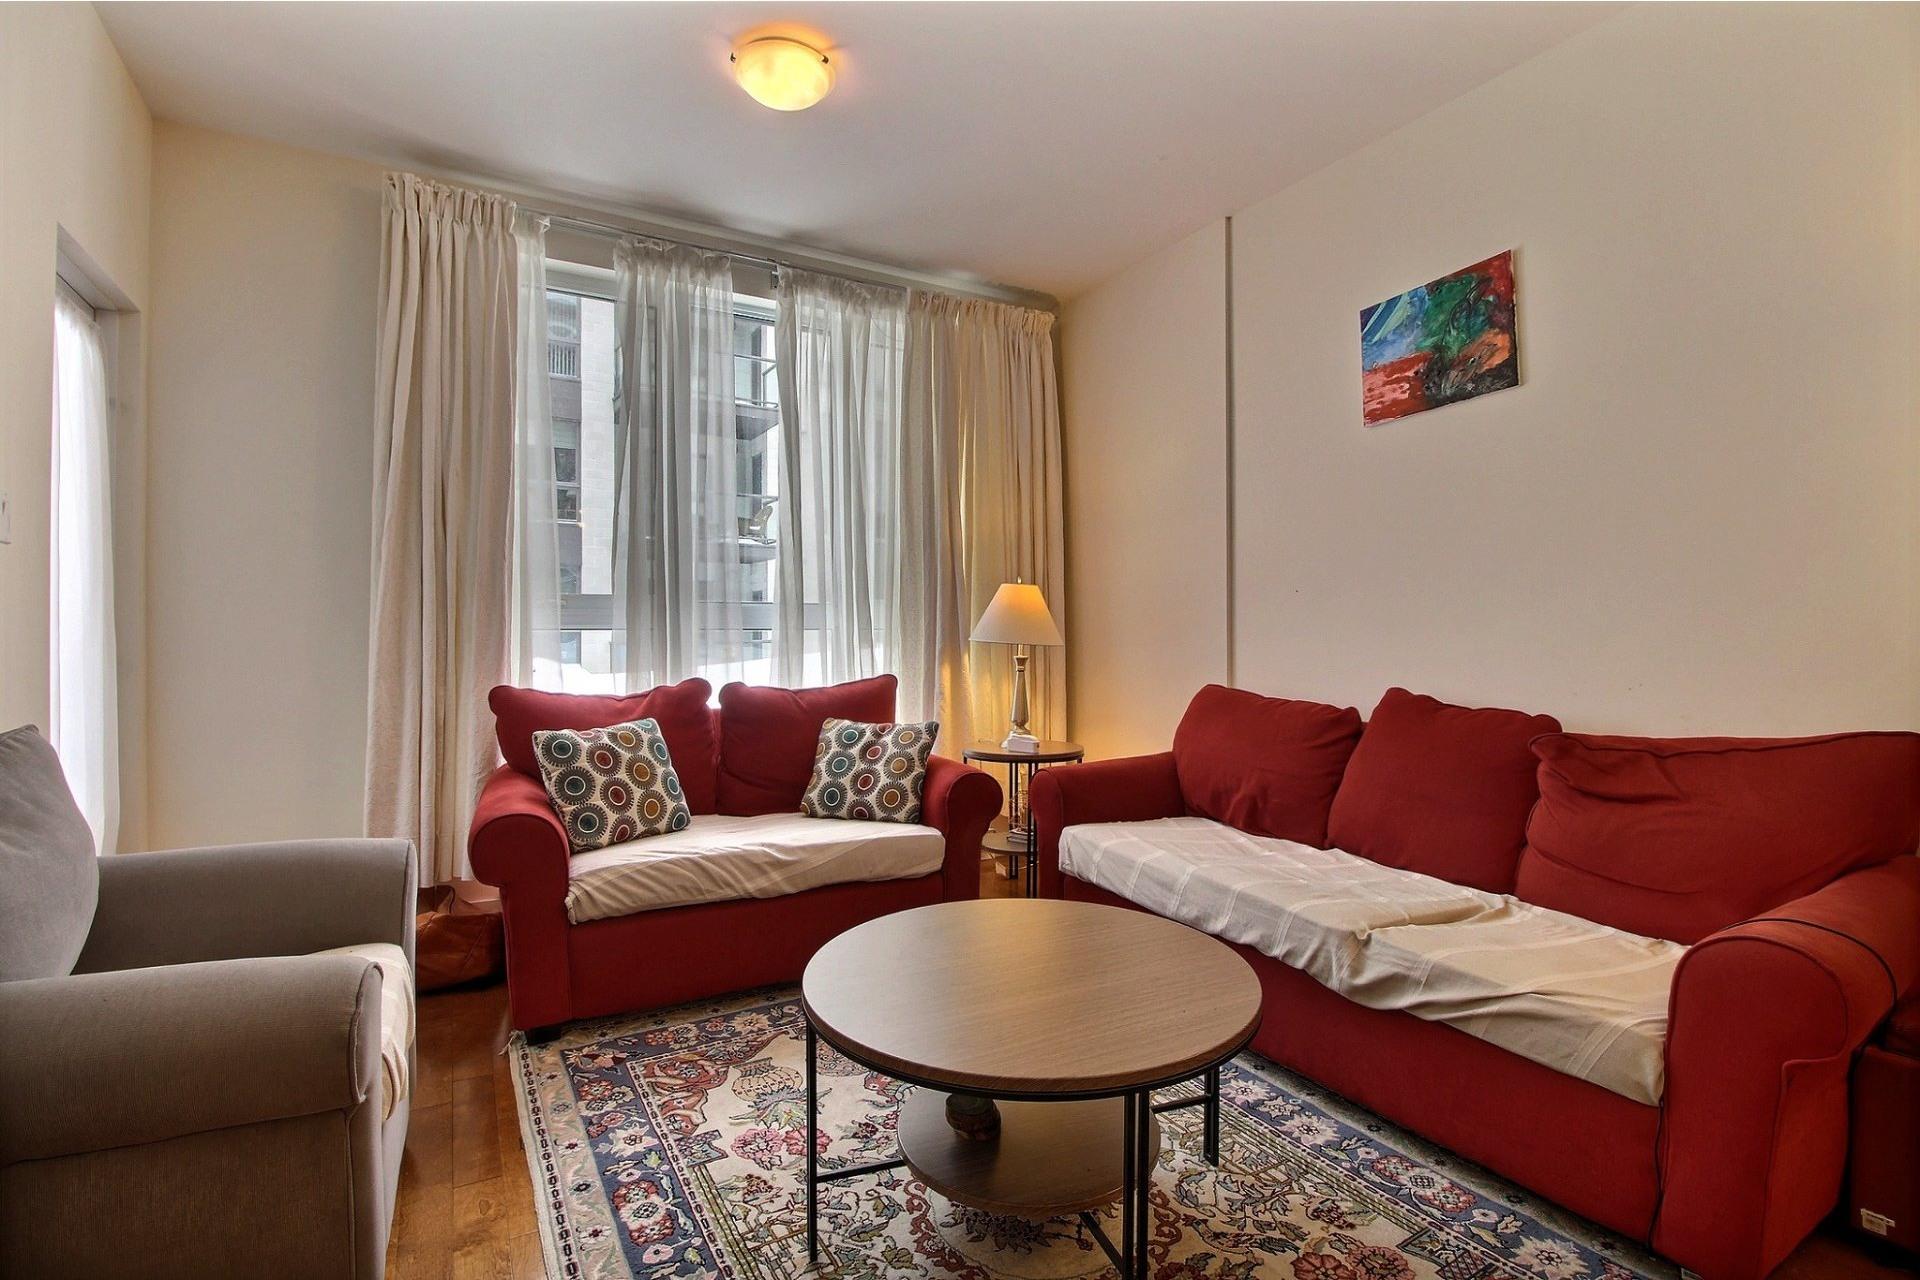 image 9 - Apartment For rent Rivière-des-Prairies/Pointe-aux-Trembles Montréal  - 6 rooms